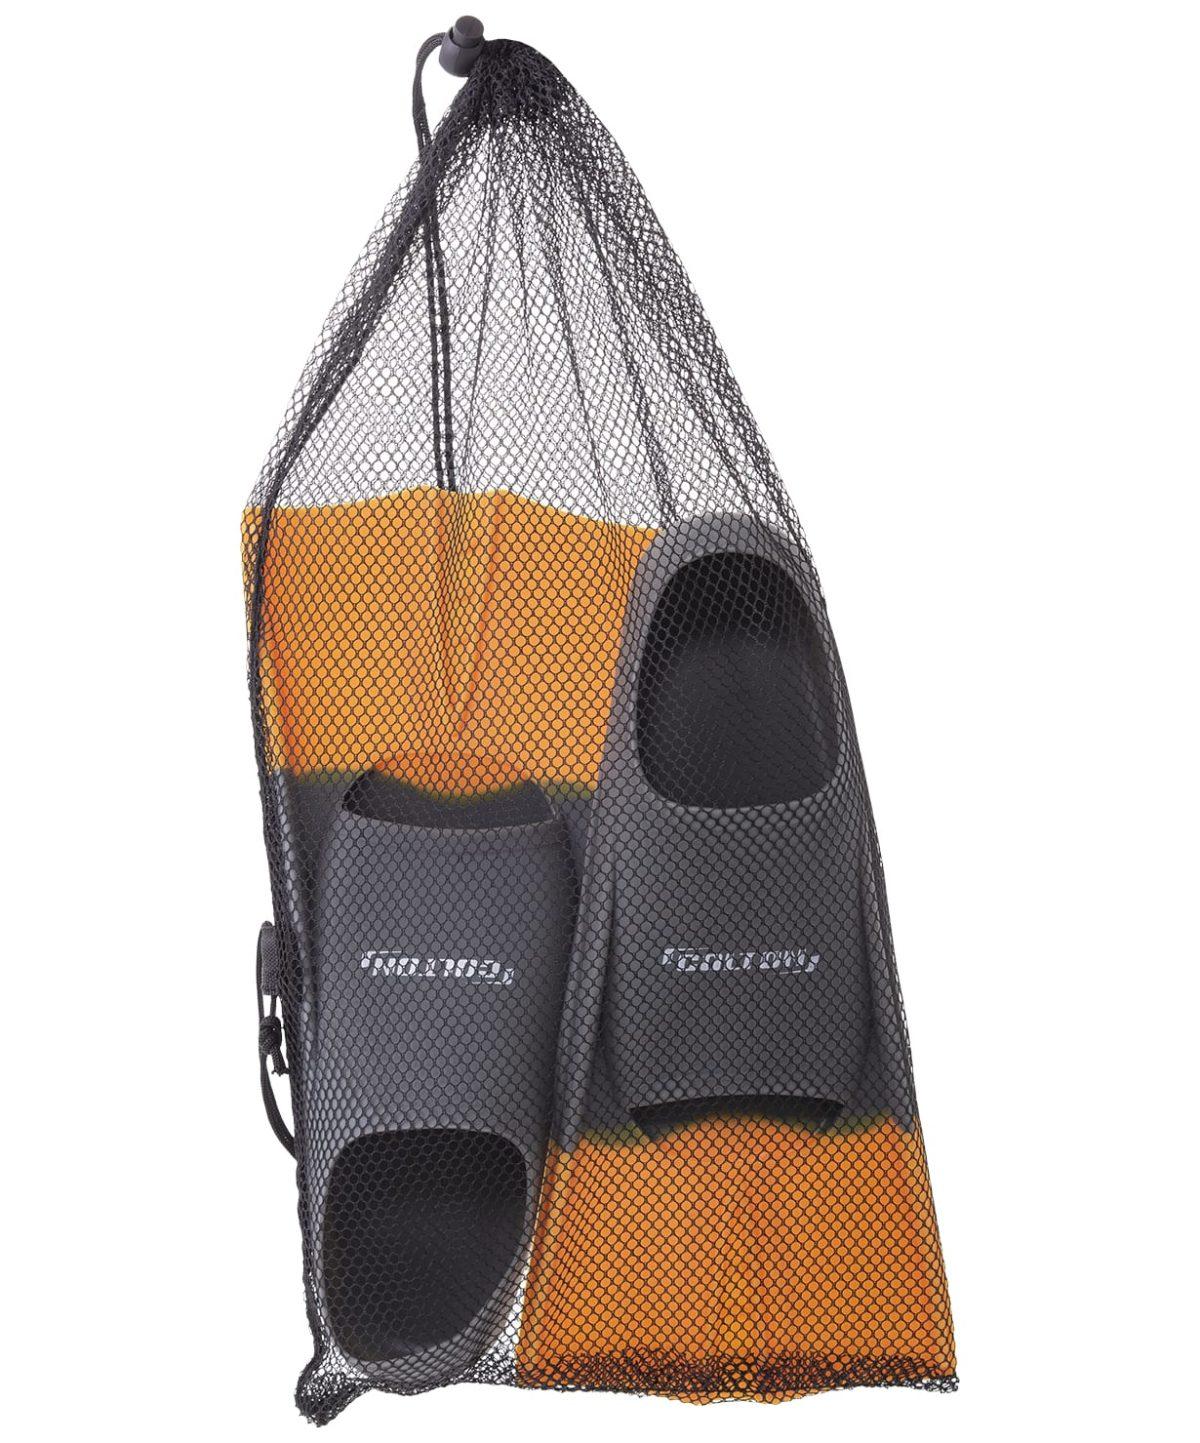 COLTON Ласты тренировочные р.36-38  CF-01: серый/оранжевый - 4